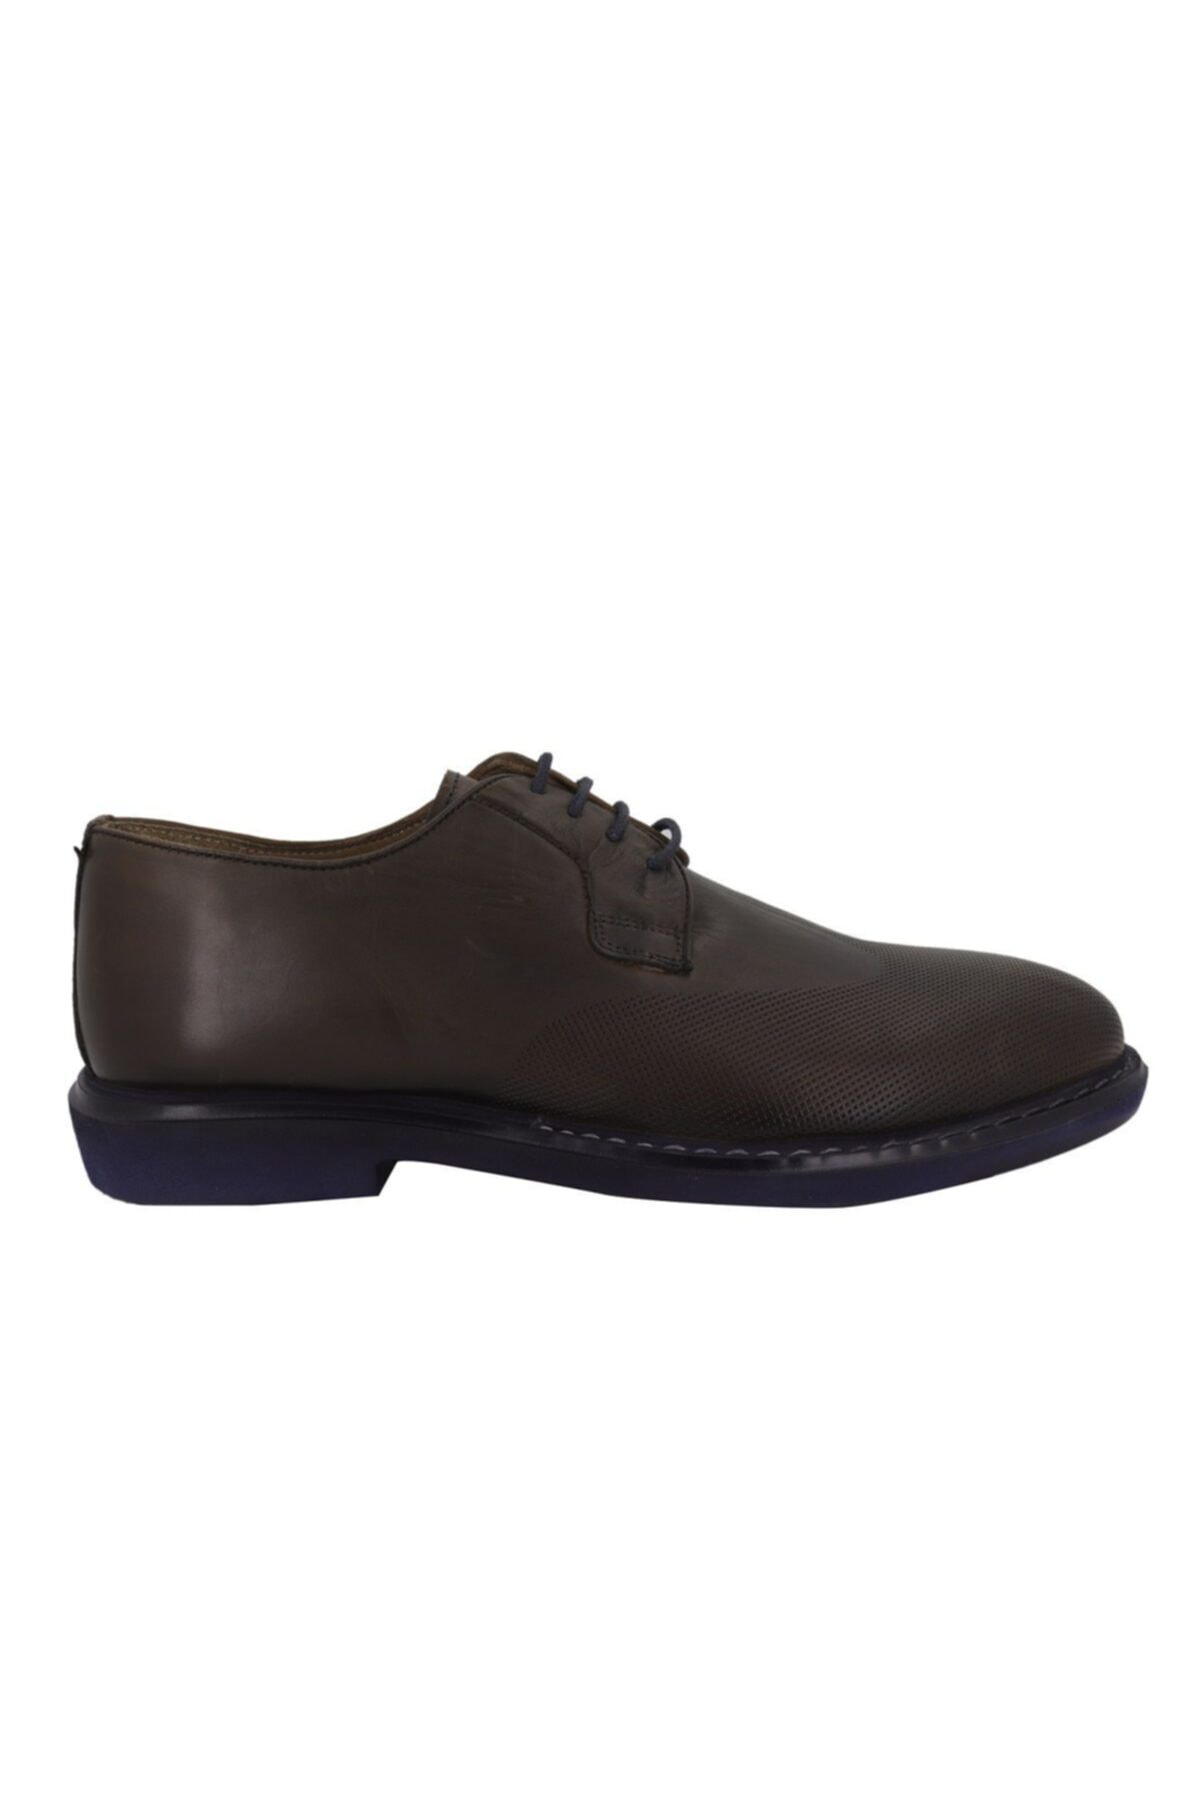 کفش کلاسیک مردانه با قیمت برند Hobby رنگ قهوه ای کد ty68098781